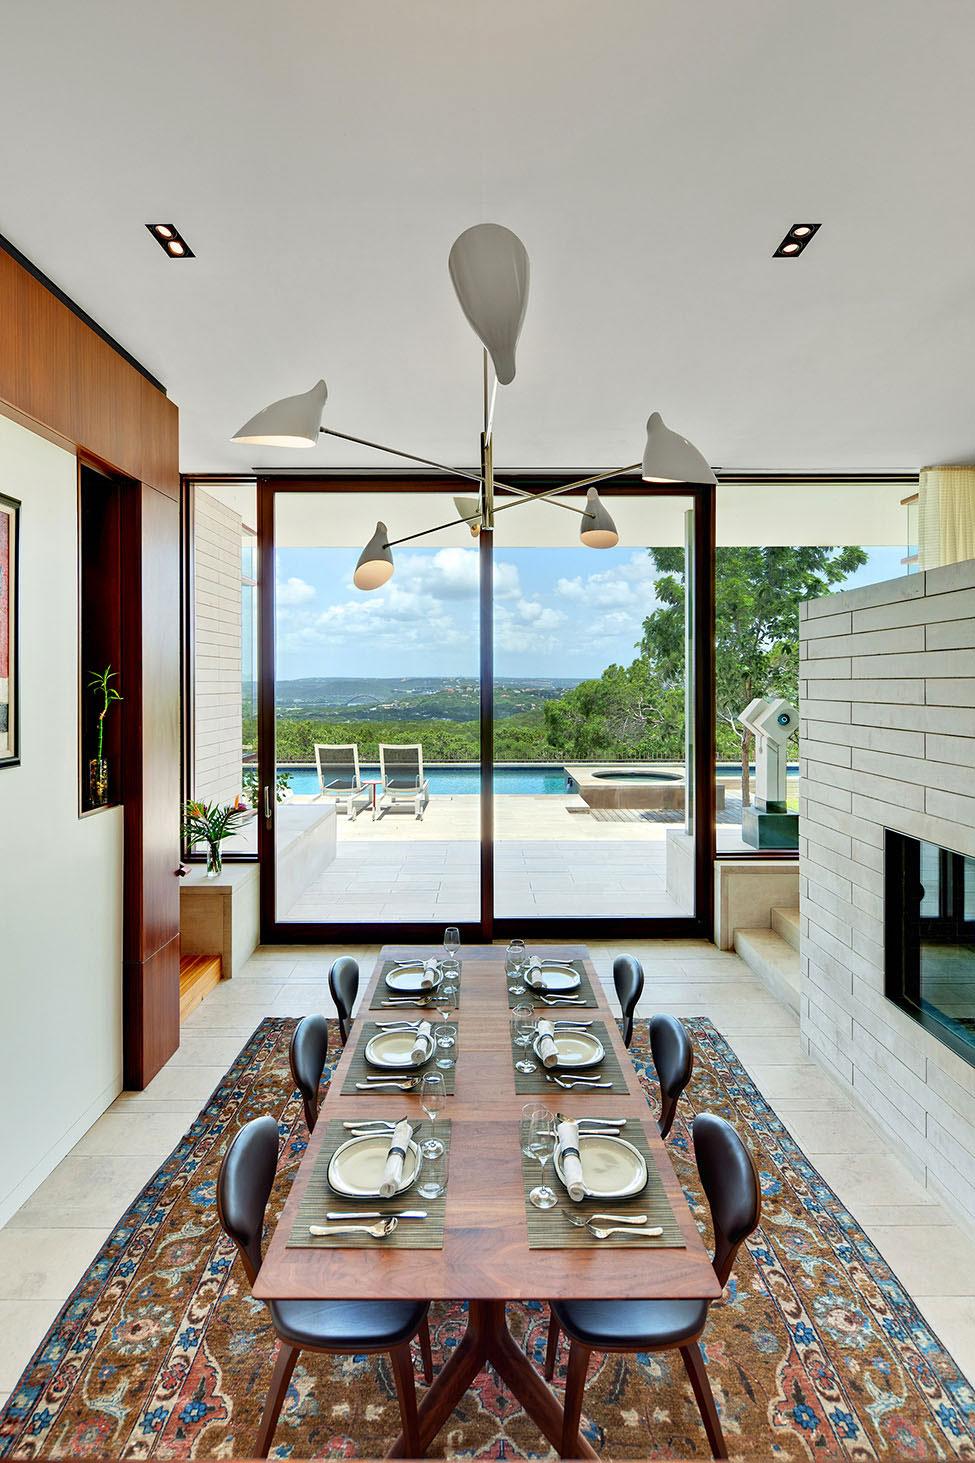 Elegant och bekvämt hem med en blandning av moderna och rustika stilar 11 Elegant och bekvämt hem med en blandning av moderna och rustika stilar